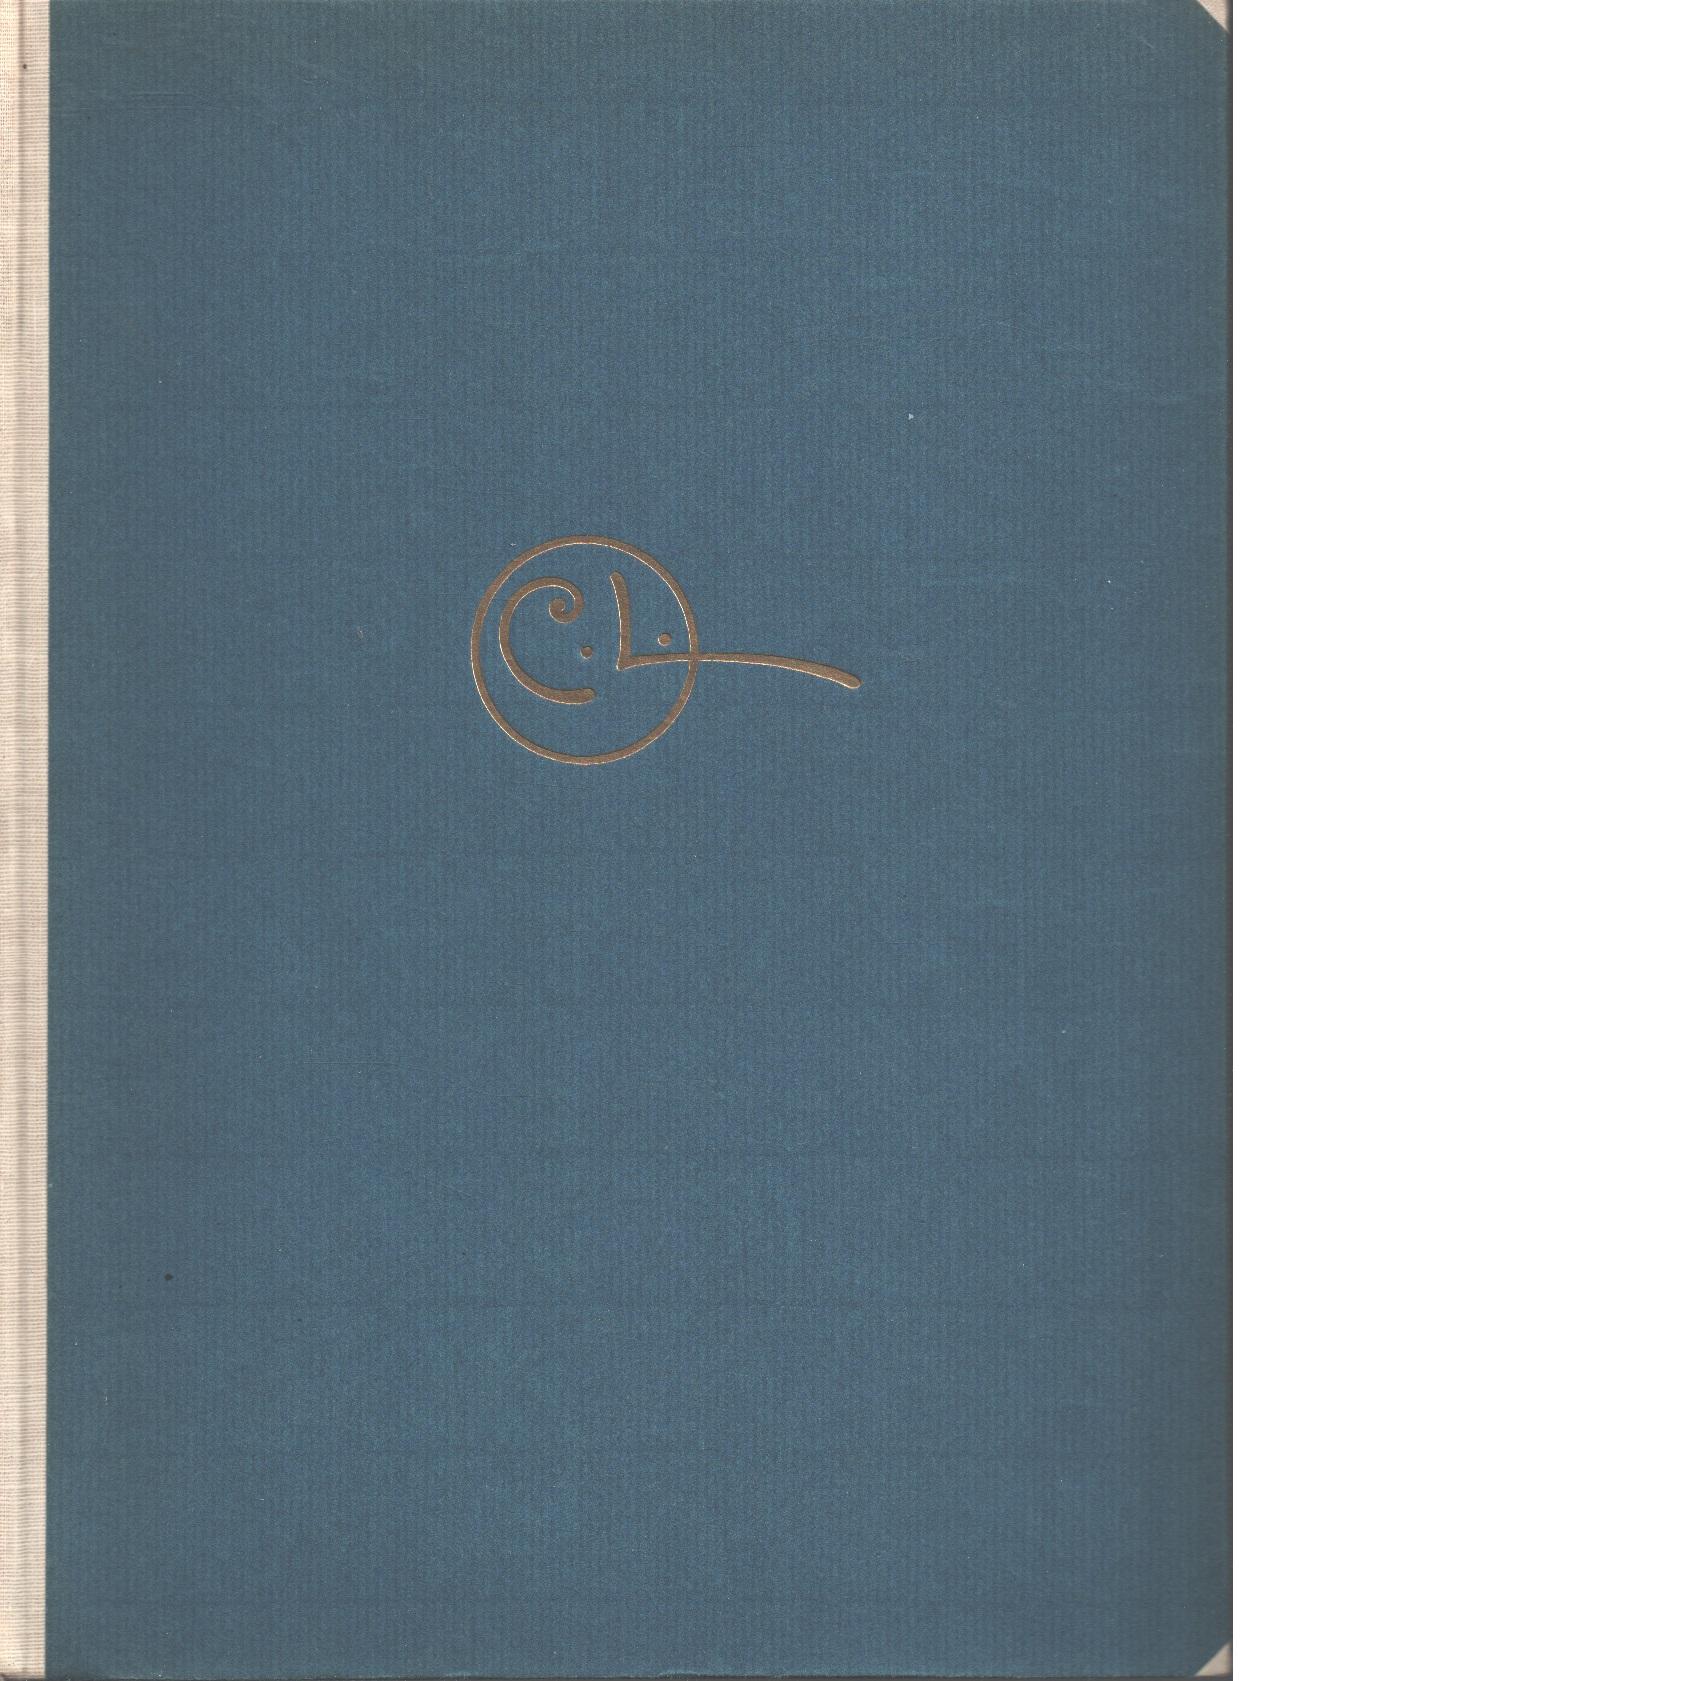 Carl Larsson skildrad av honom själv i text och bilder - Larsson, Carl